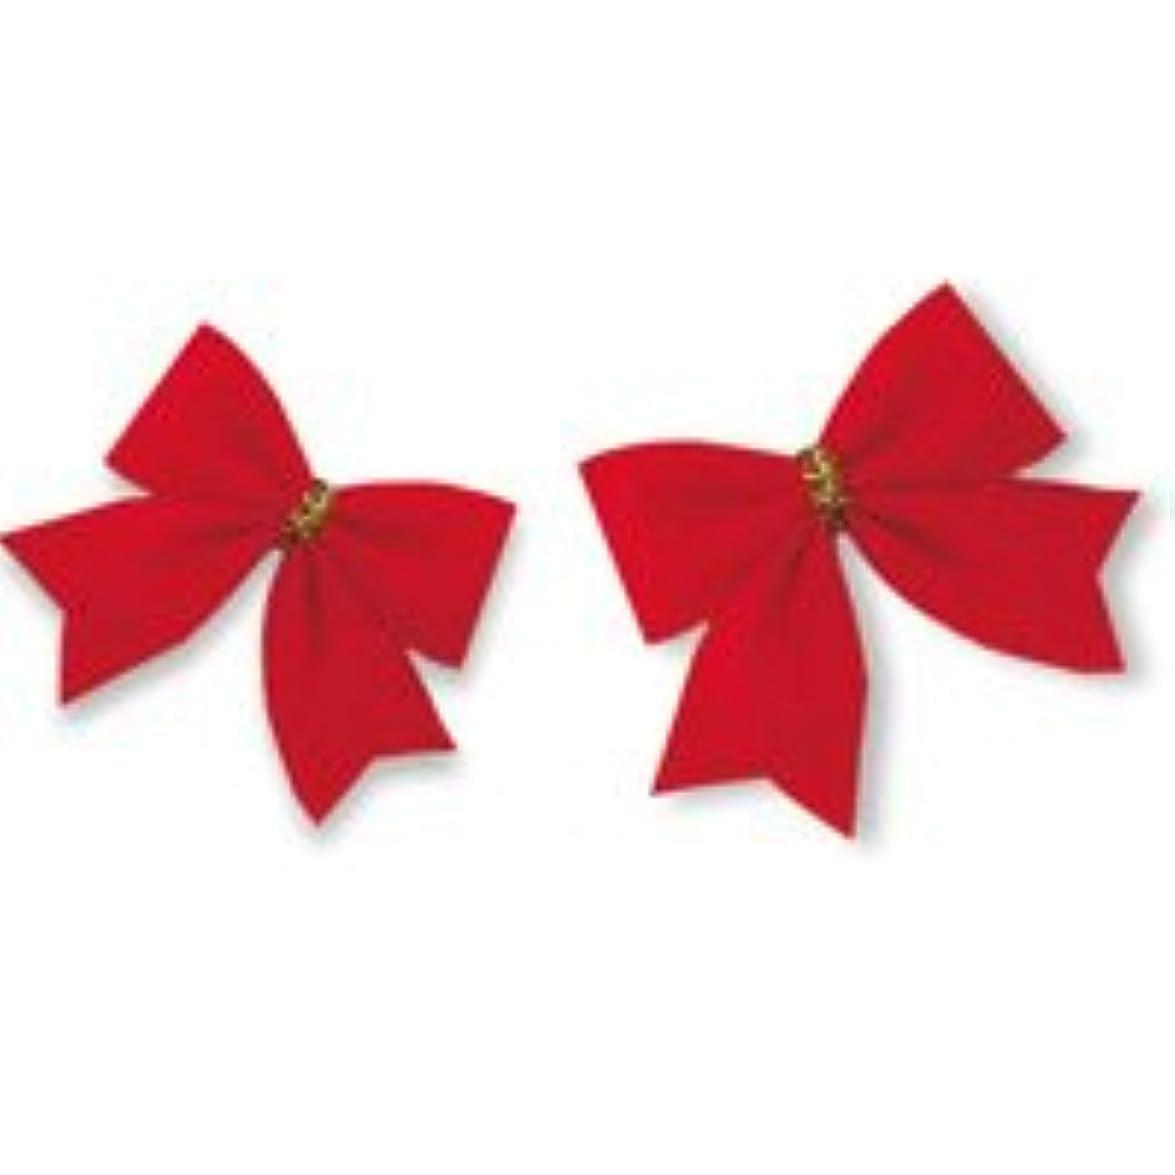 シーケンスポンペイ無駄クリスマス 飾り 赤いリボン 12コ クリスマスツリー クリスマスリース デコレーション